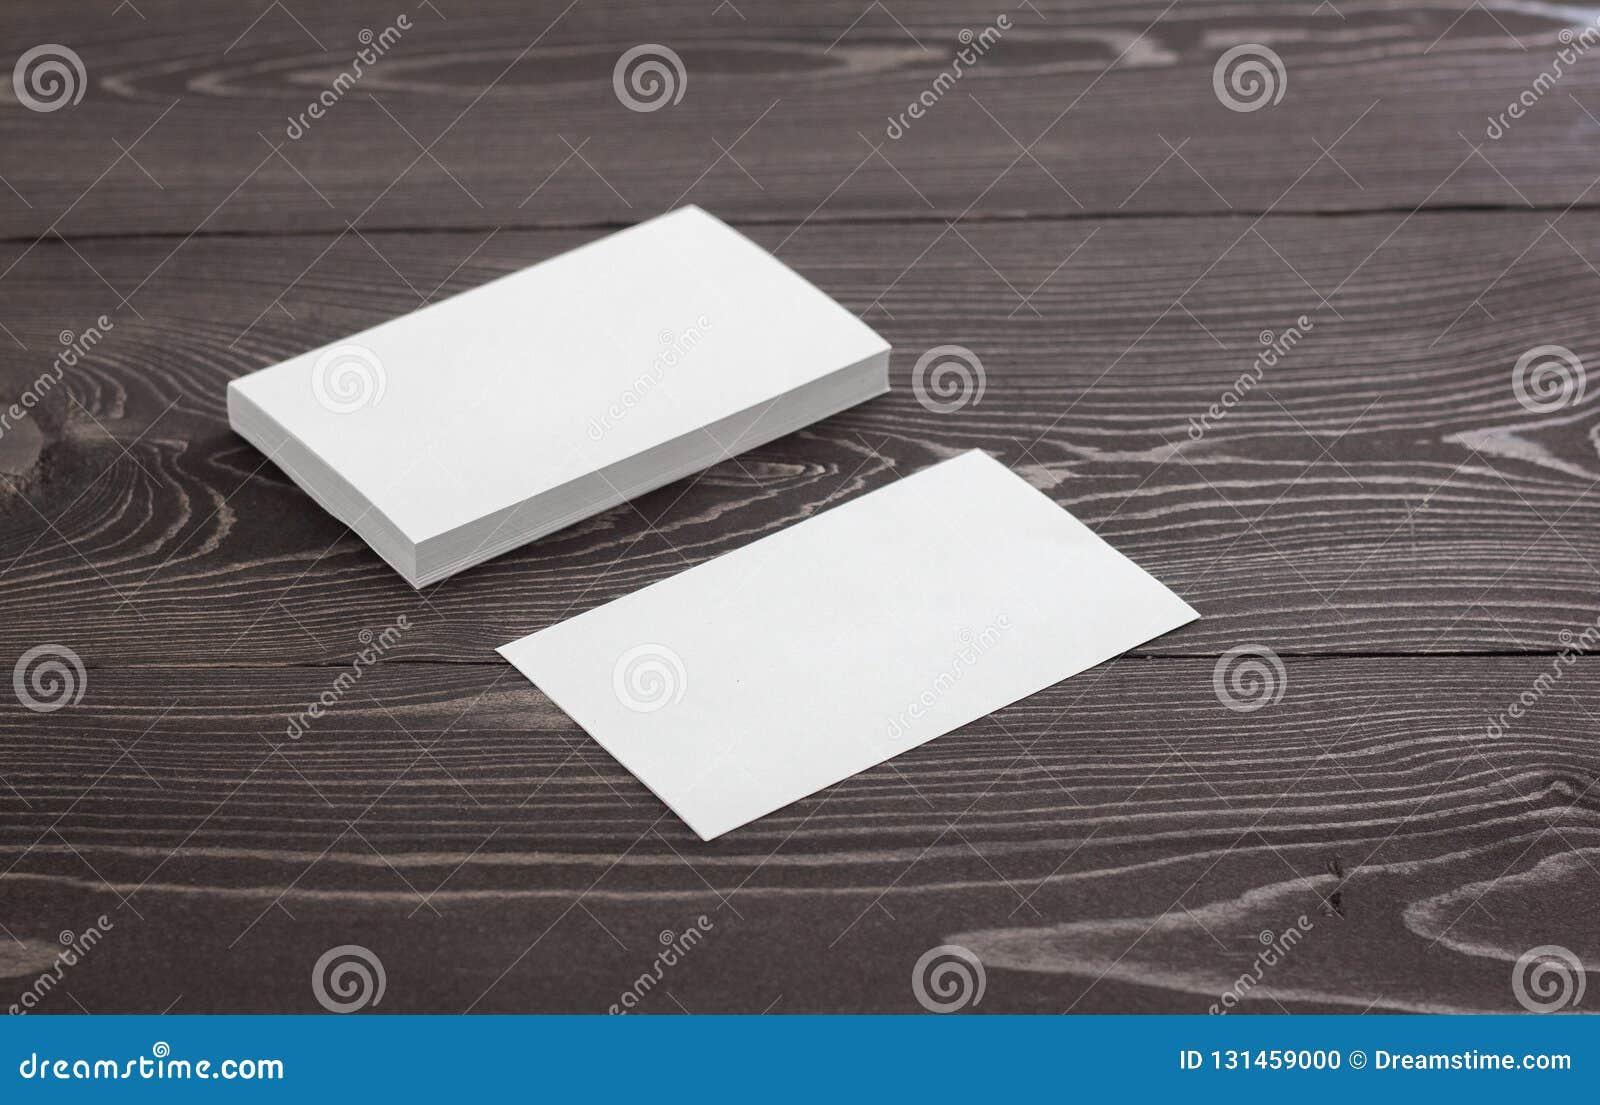 Modelo dos cartões em um fundo de madeira escuro Molde para a identidade de marcagem com ferro quente